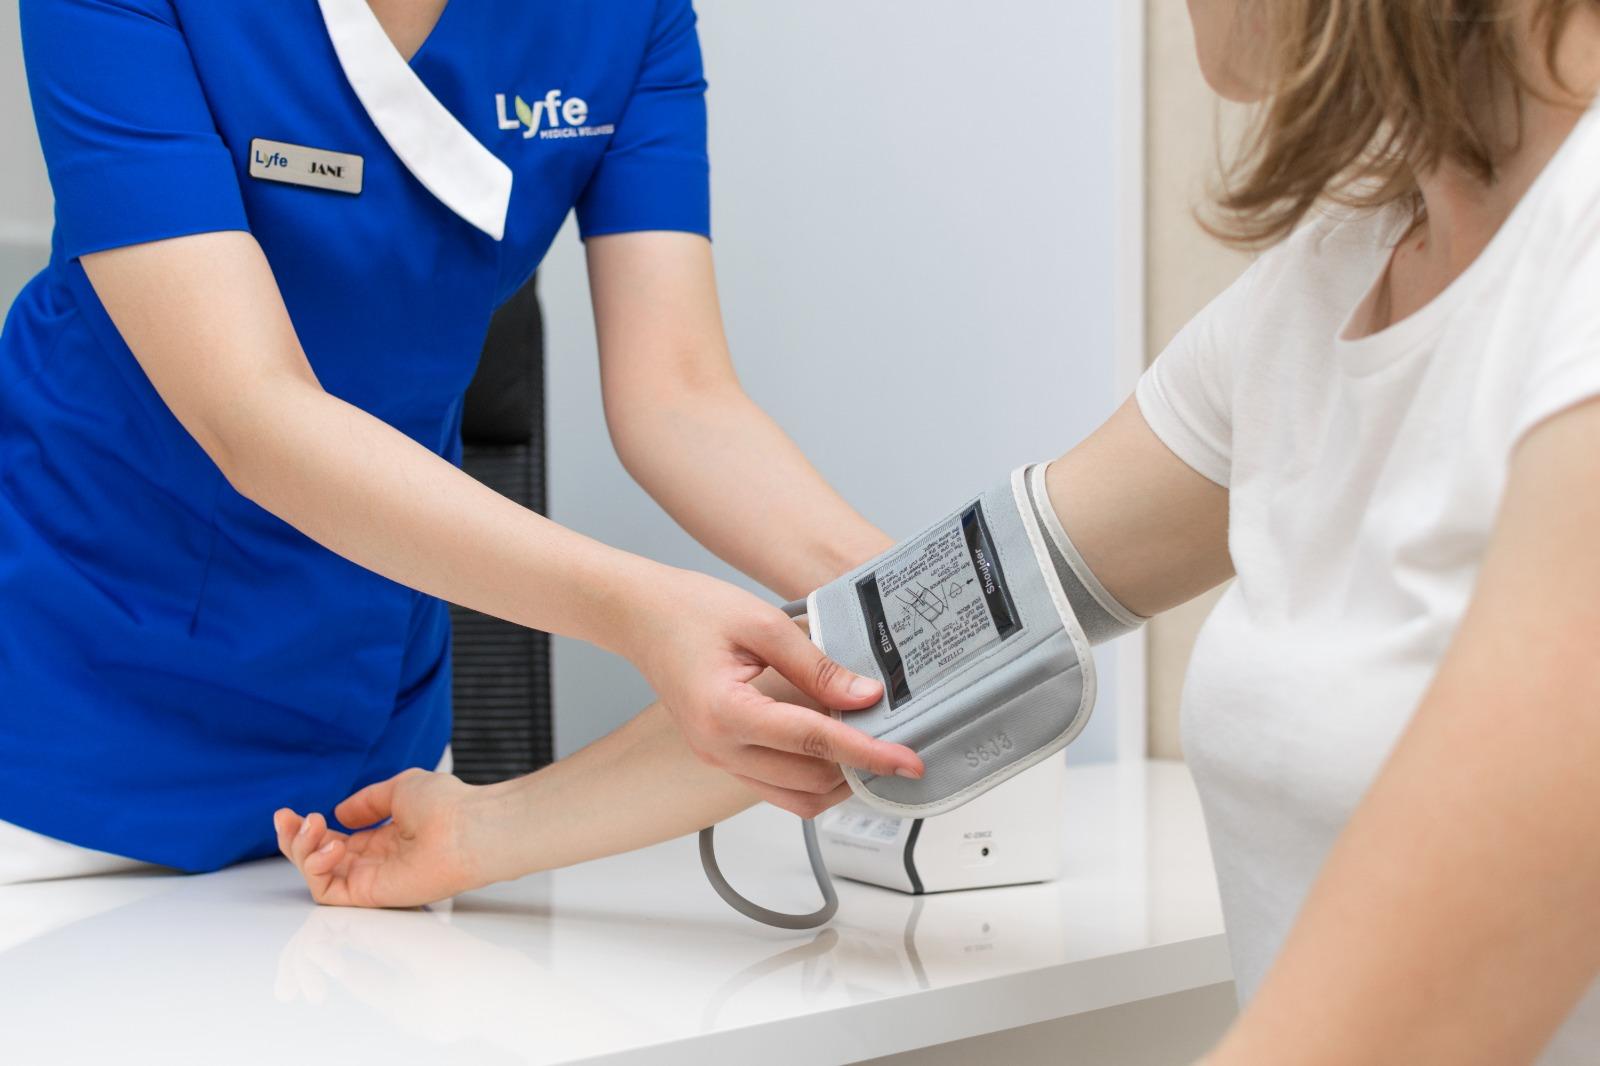 checkup at lyfe medical wellness